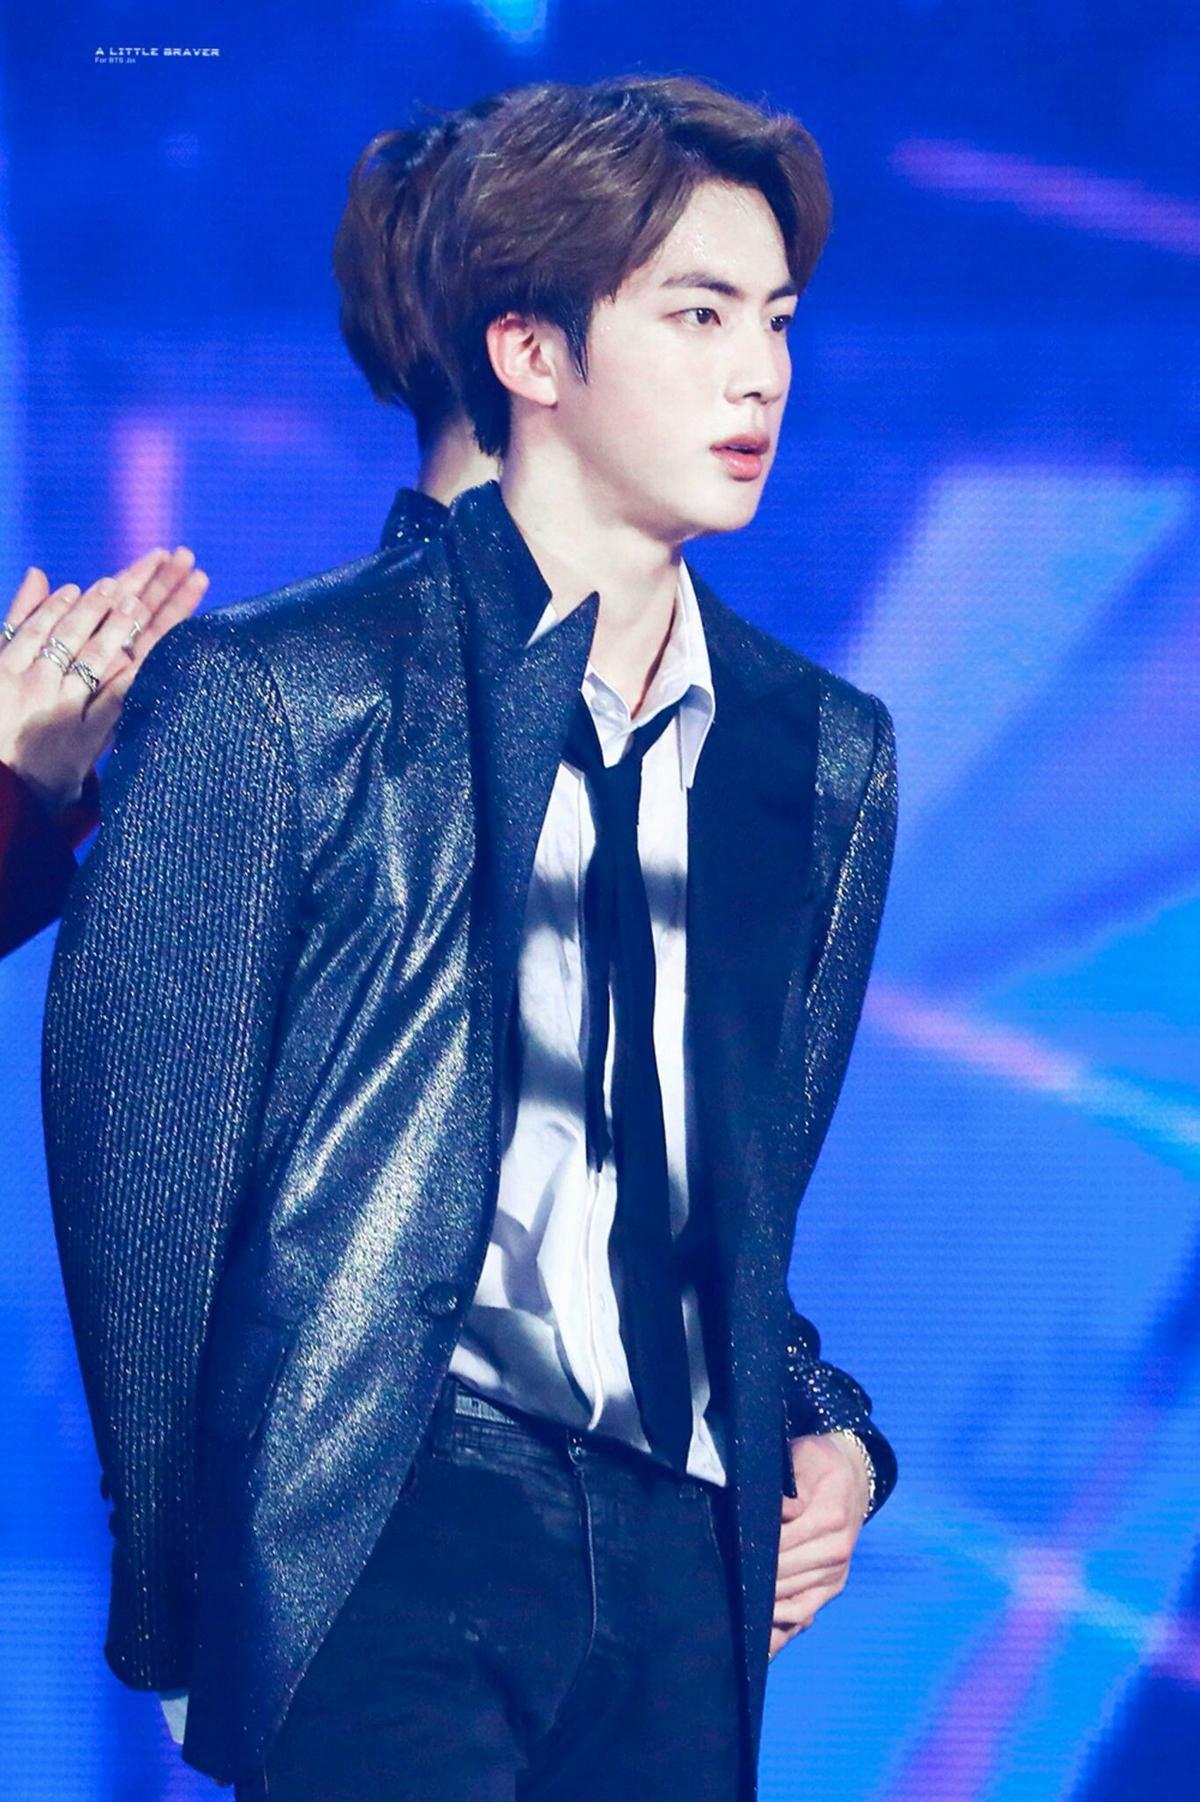 Cũng tại MBC Plus X Genie Music Awards 2018, một mỹ nam khác gây chú ý nhờ ngoại hình hoàn hảo là Jin của BTS.